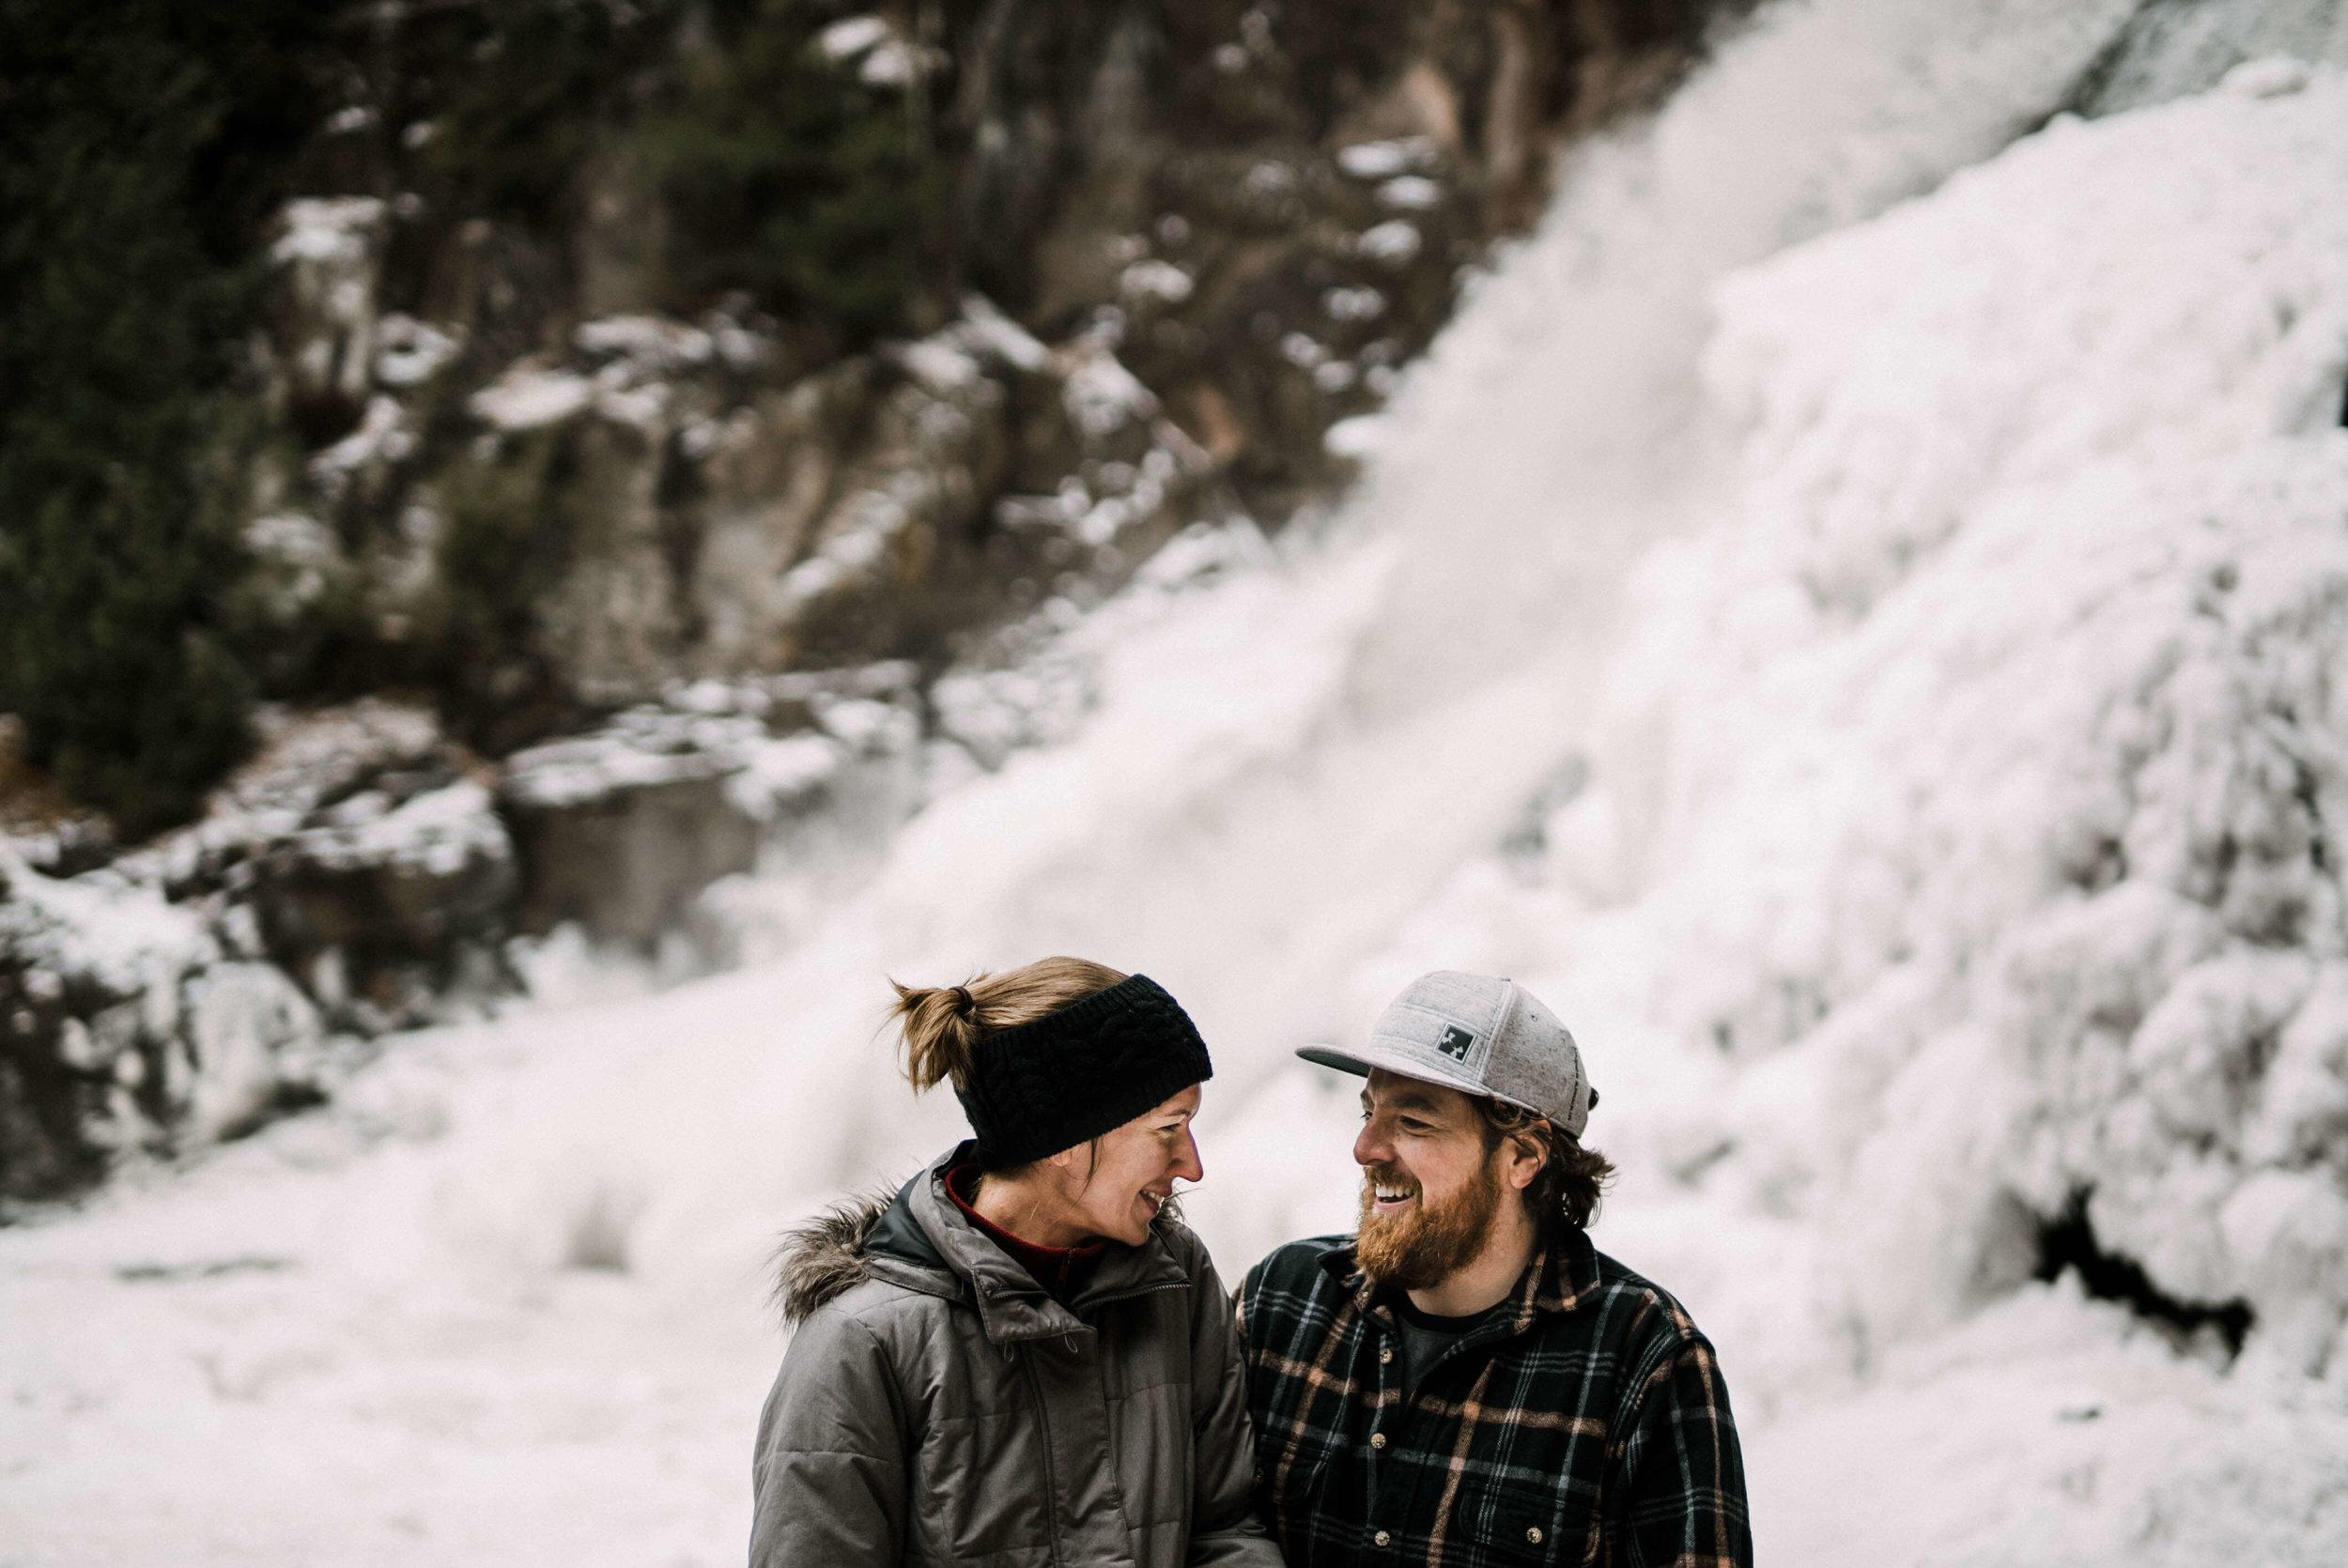 Engle-Olson-Photography-Emily-Skylar-Proposal-Engagement-20.jpg